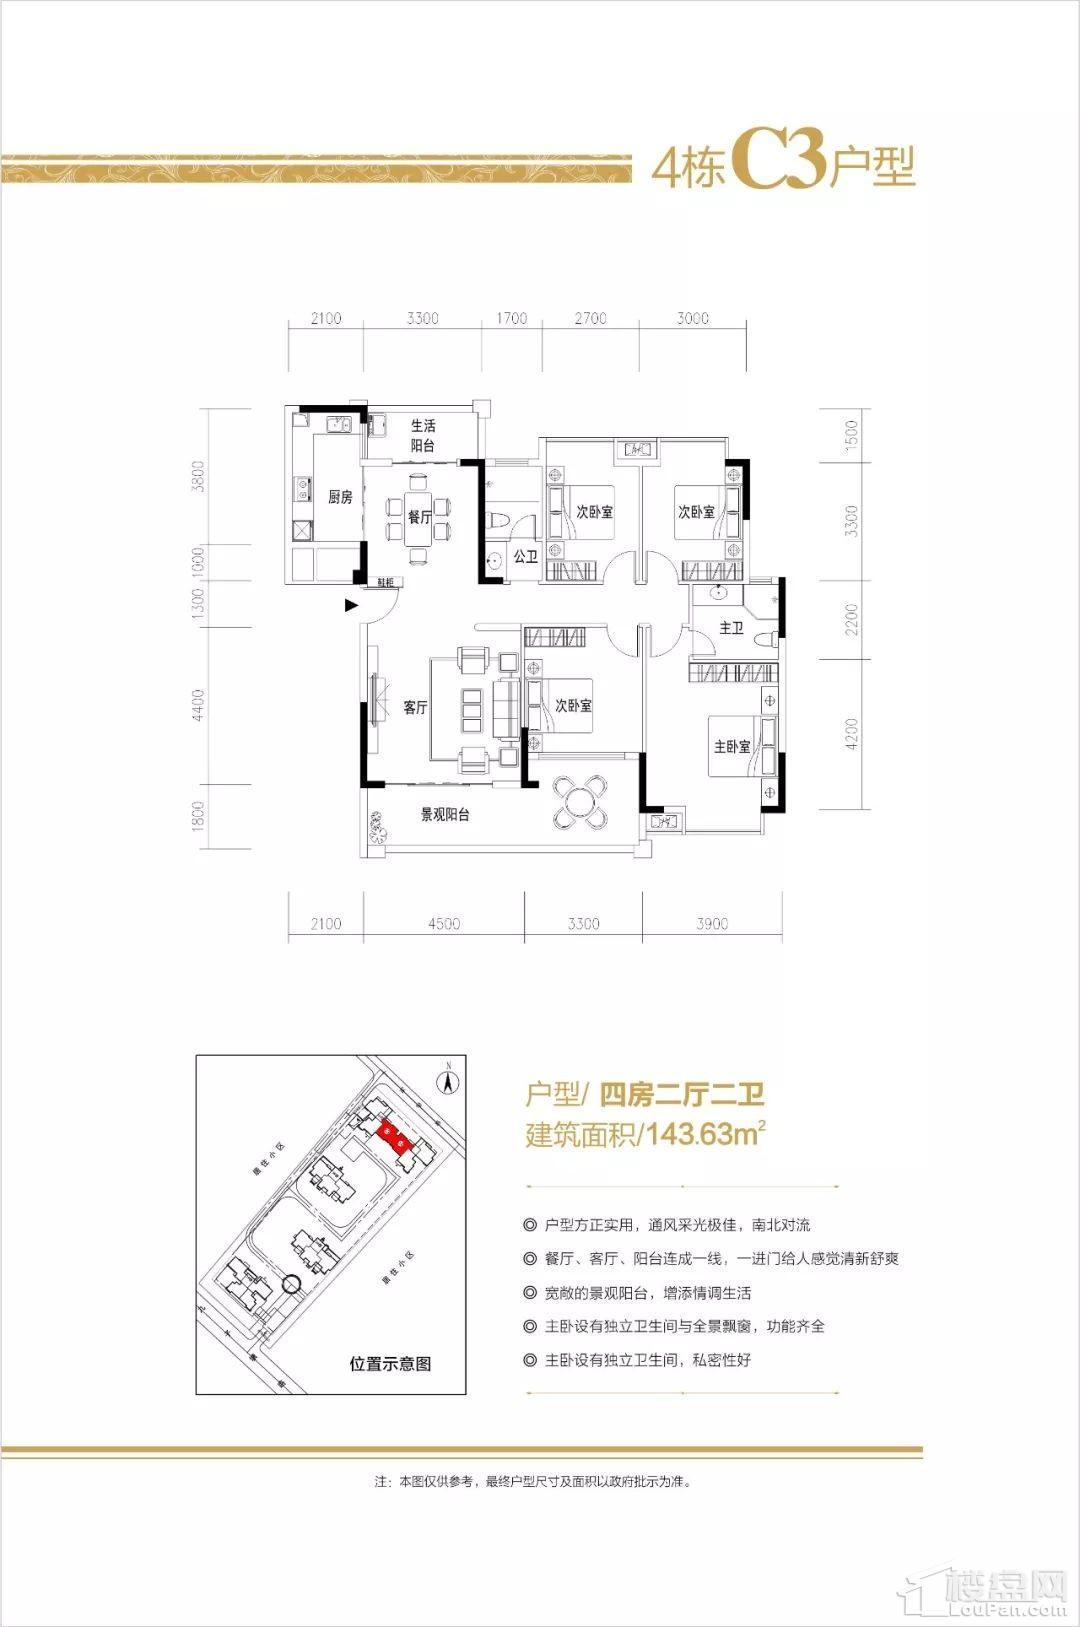 鸿涛名邸4栋C3户型